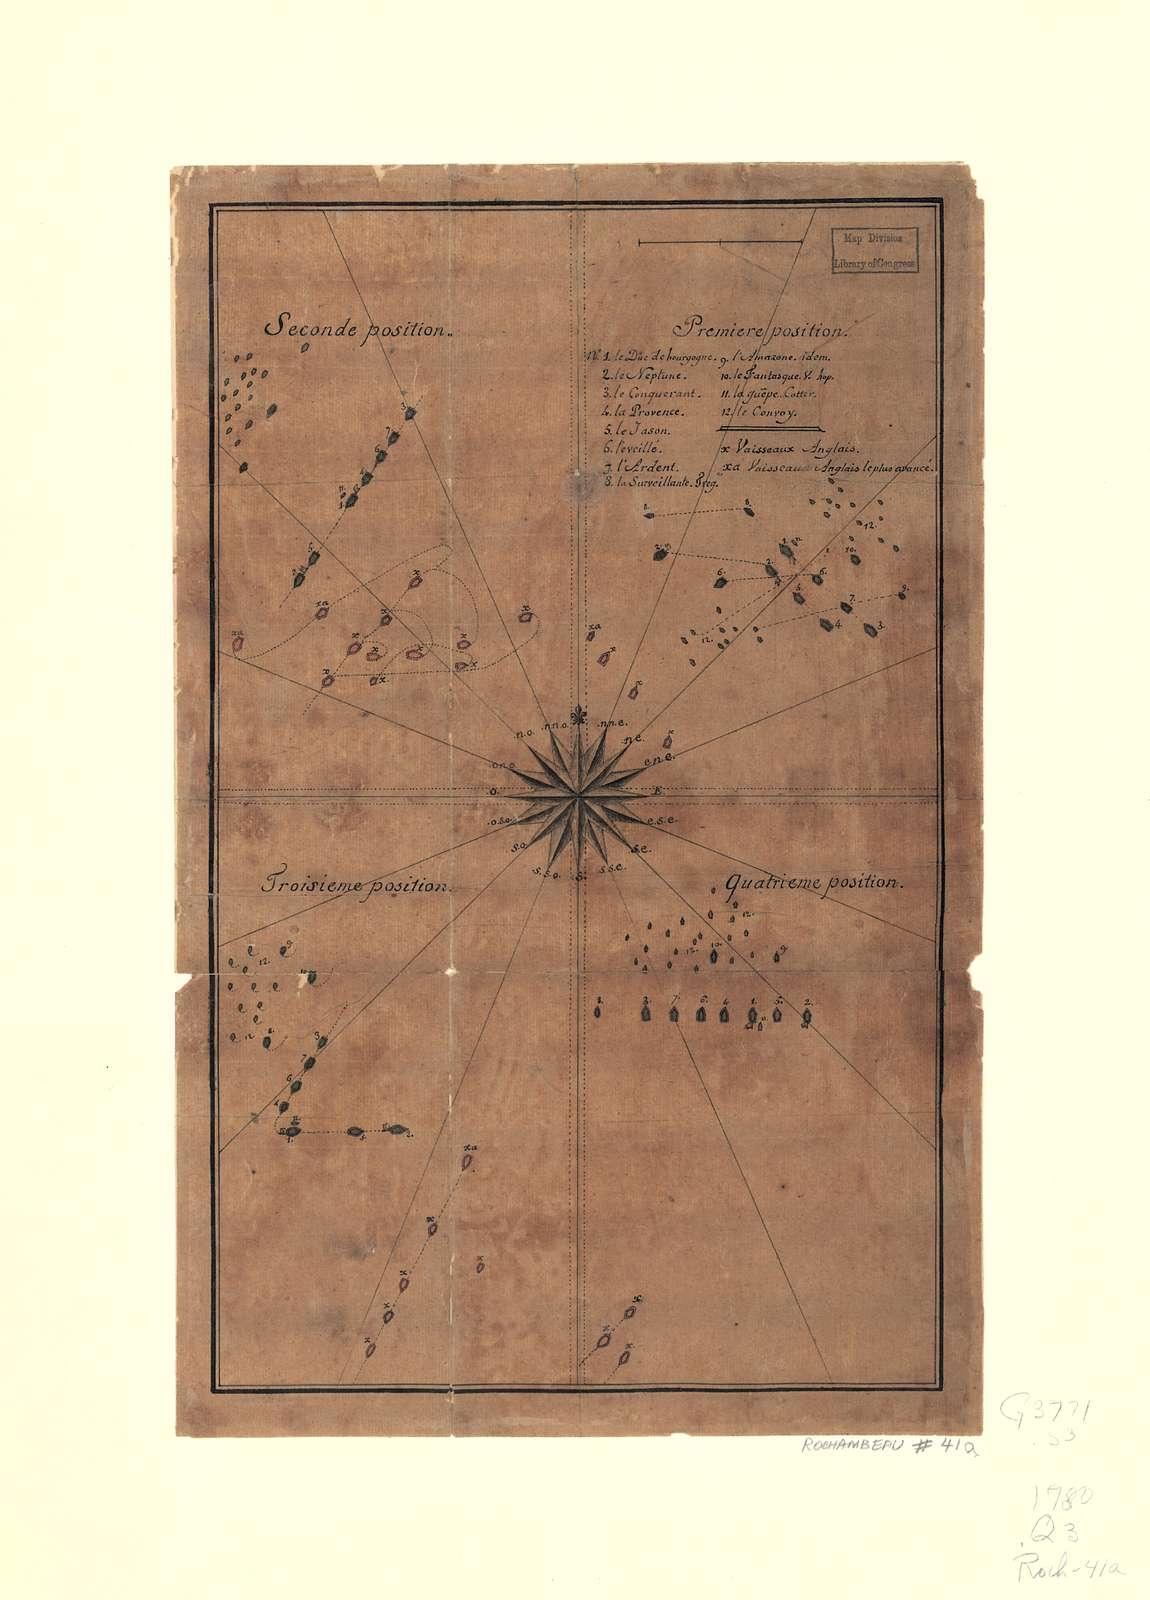 Quatre positions de la flotte française et positions de la flotte anglaise.